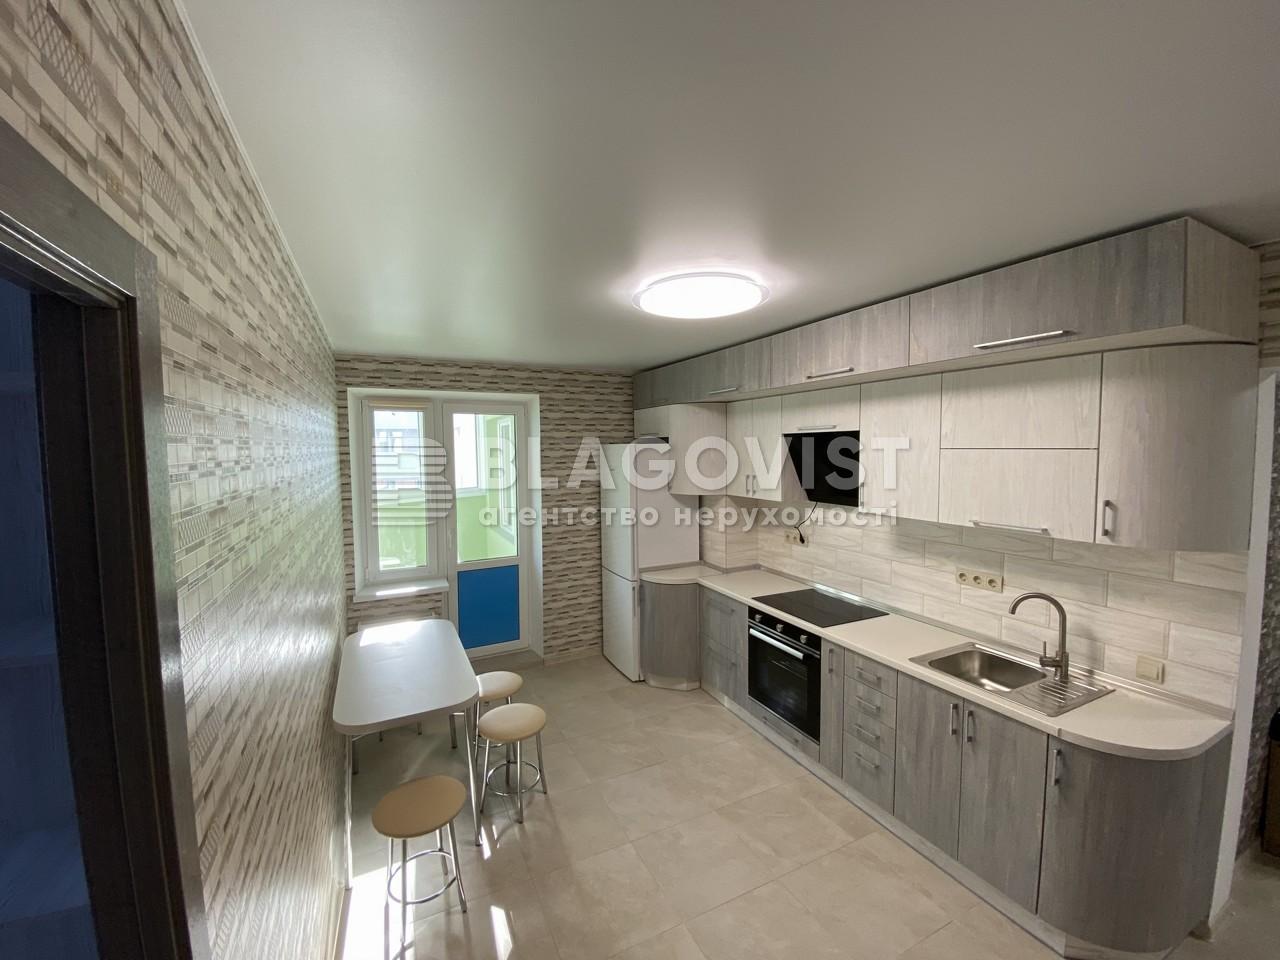 Квартира R-34951, Пригородная, 26б, Новоселки (Киево-Святошинский) - Фото 6